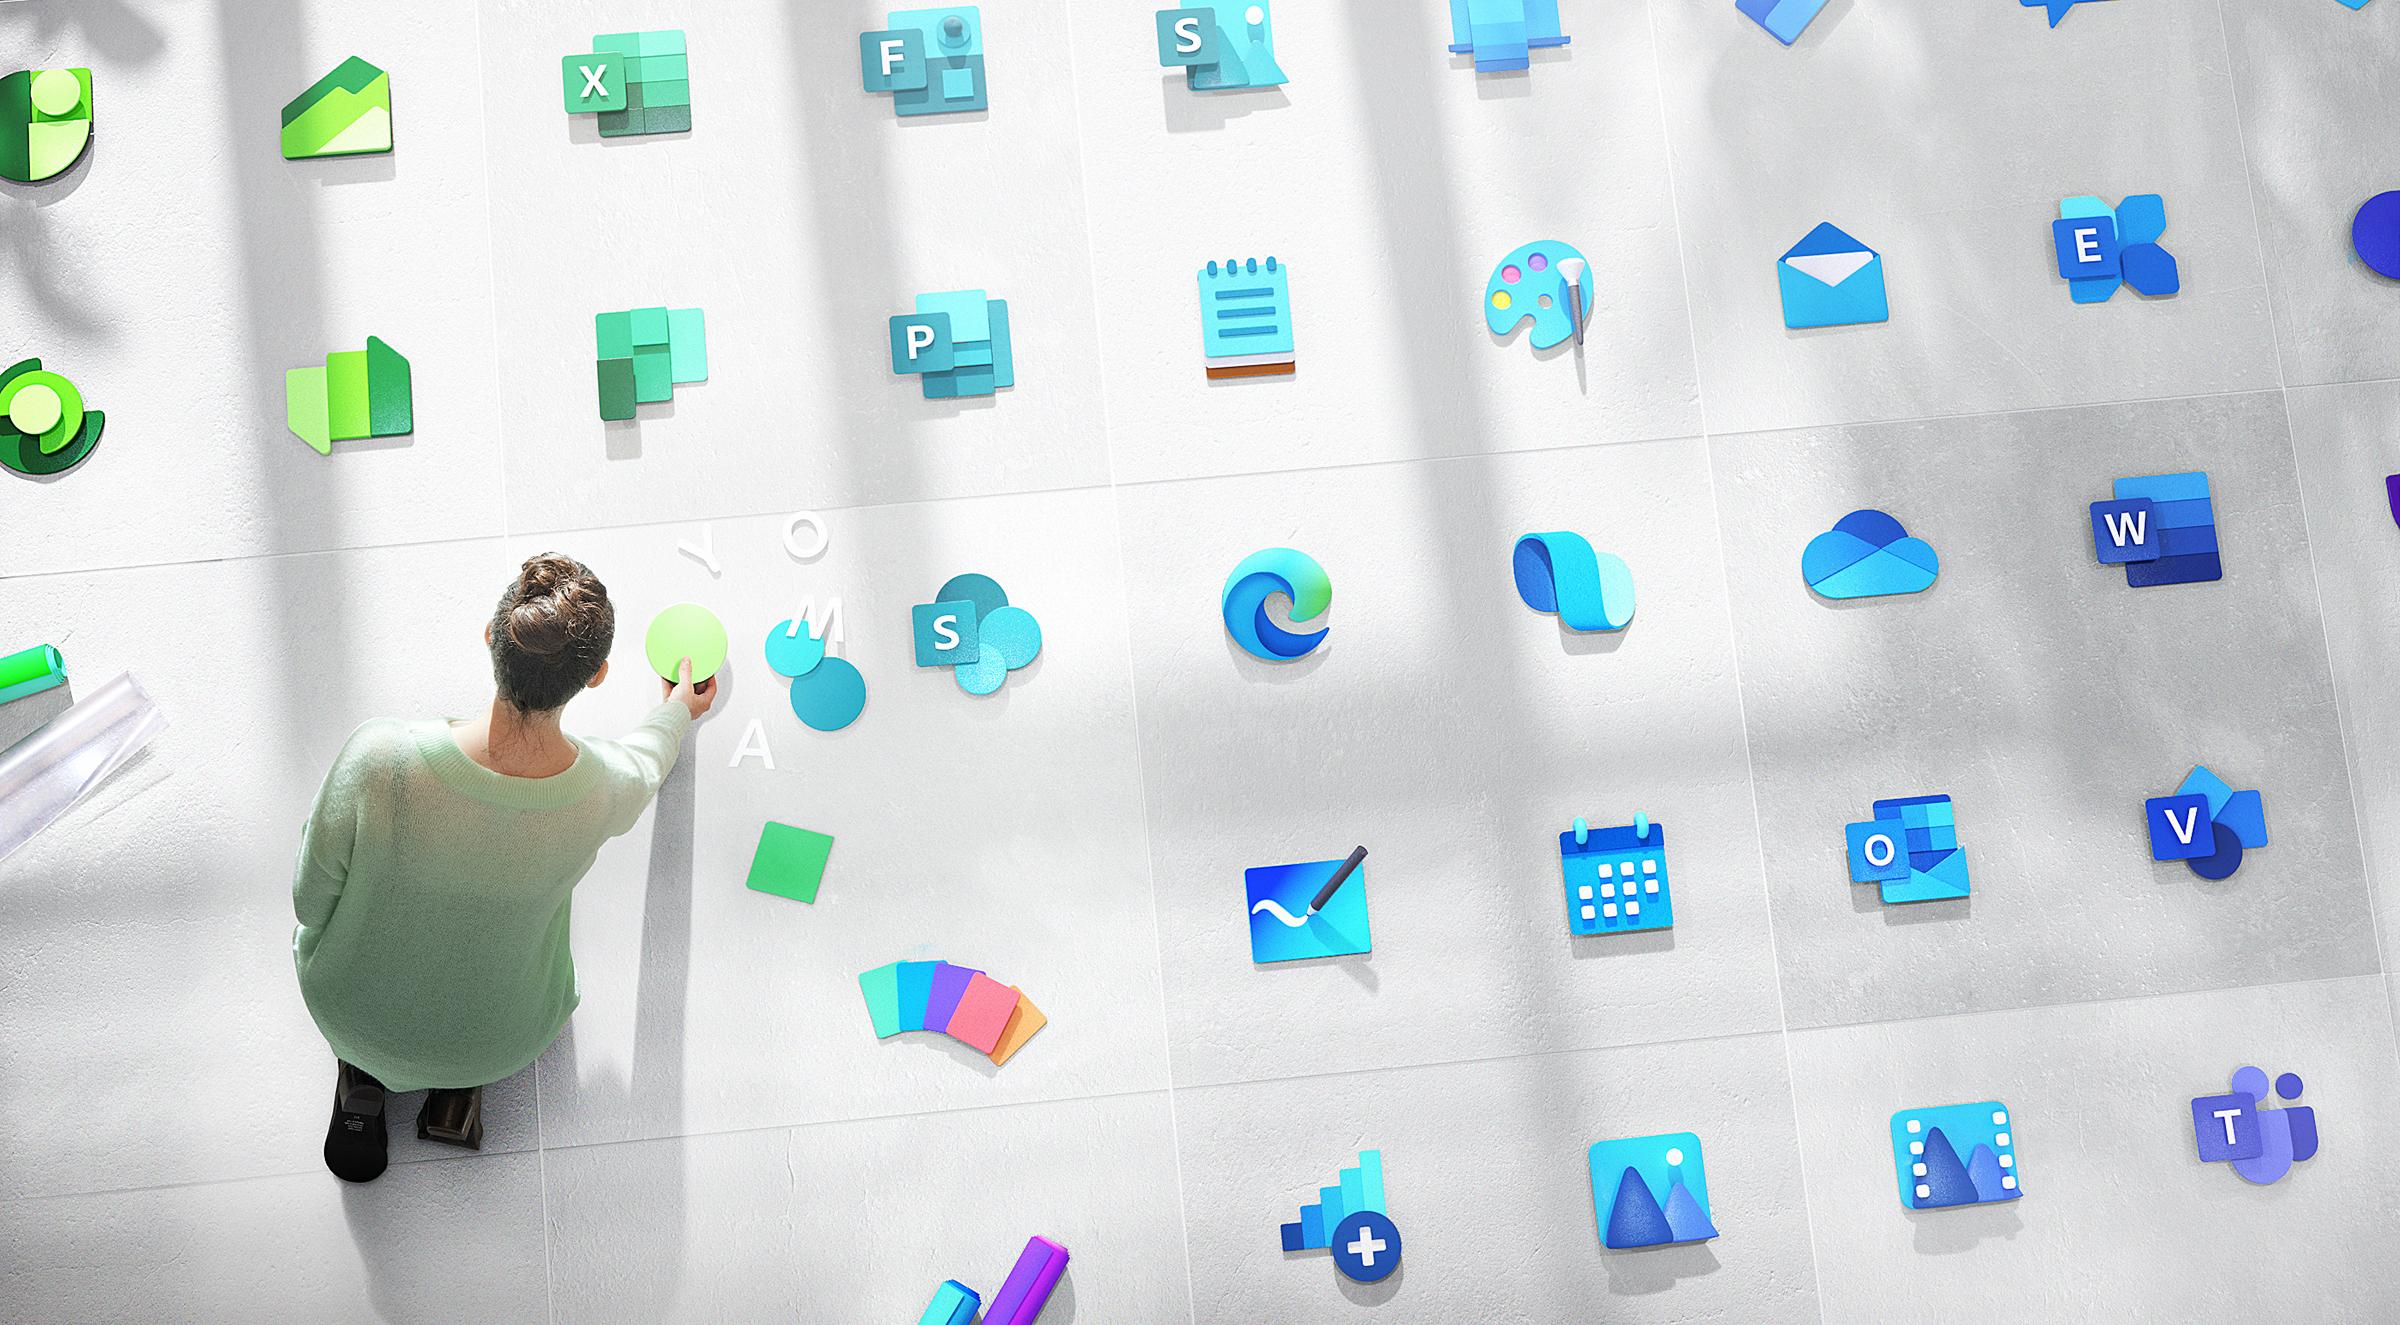 Windows 10 zaczyna dostawać nowe kolorowe ikony. Ktoś jest testerem?